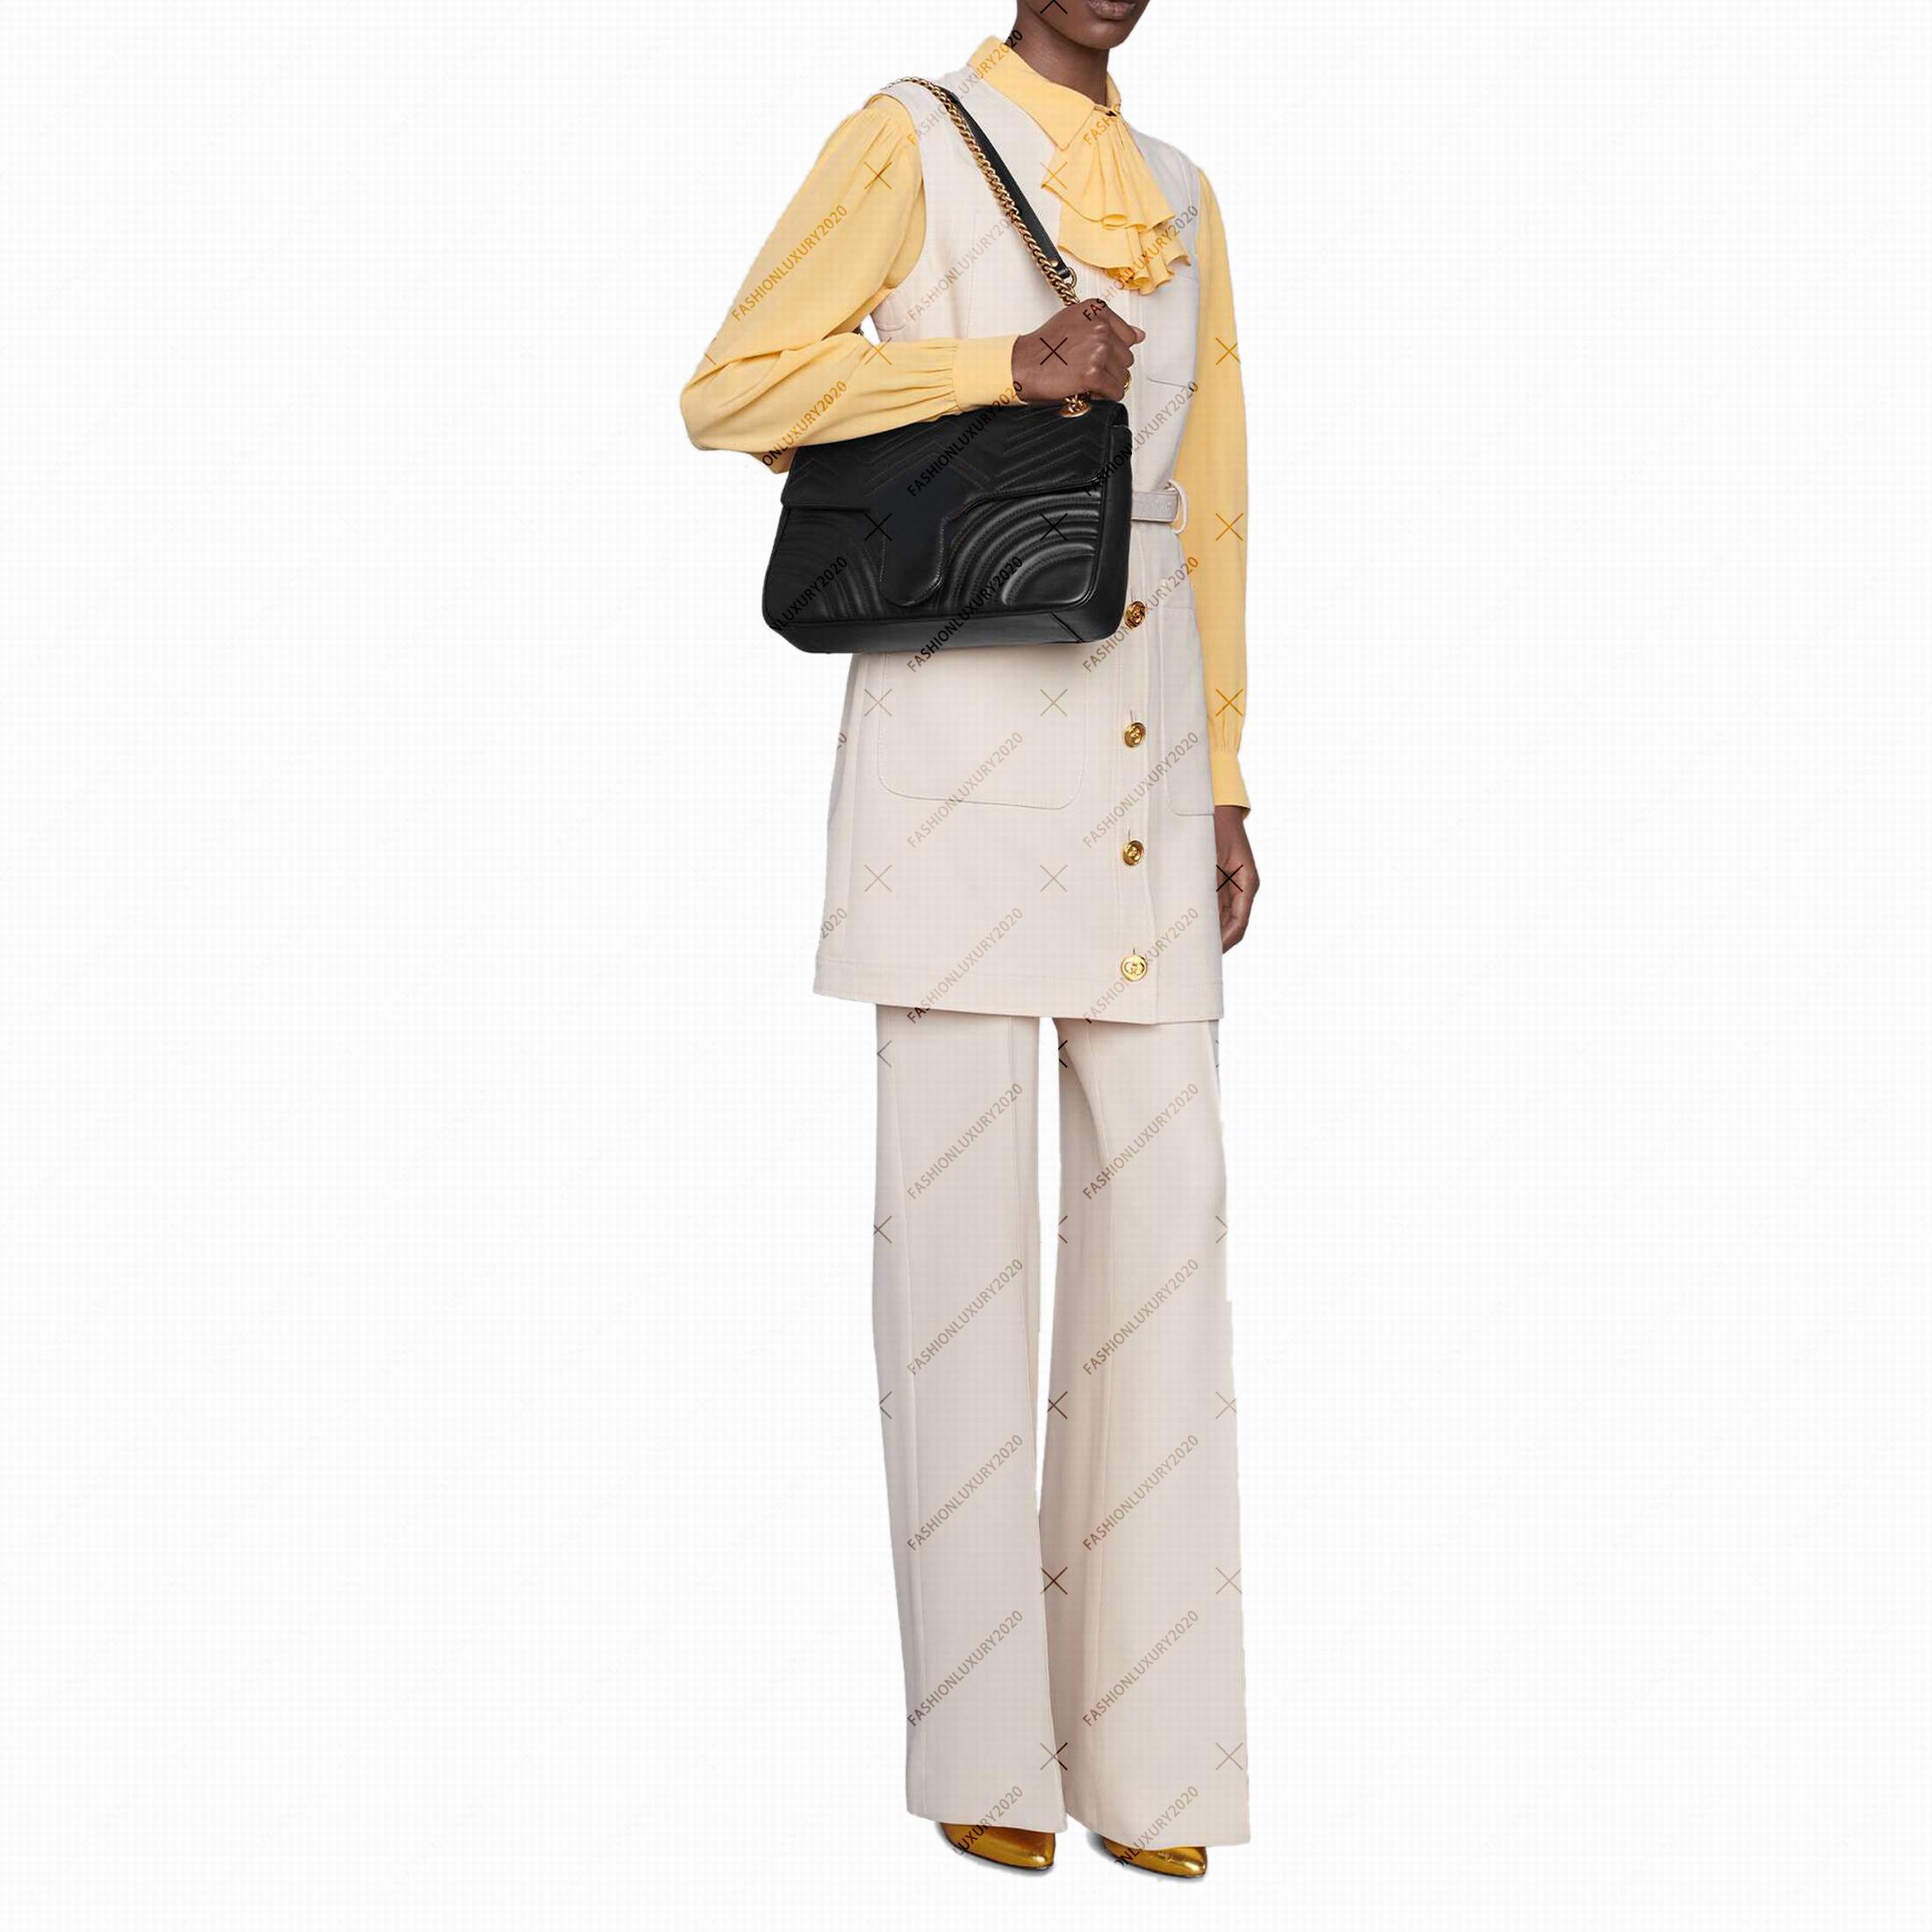 Totes Marmont Fashion Body Body Bolsas Femeninas Bolsas Cadena Crasas Cross Bolsas Bolsa Messenger PU Bolsos de PU de embrague Mochila MWMVT